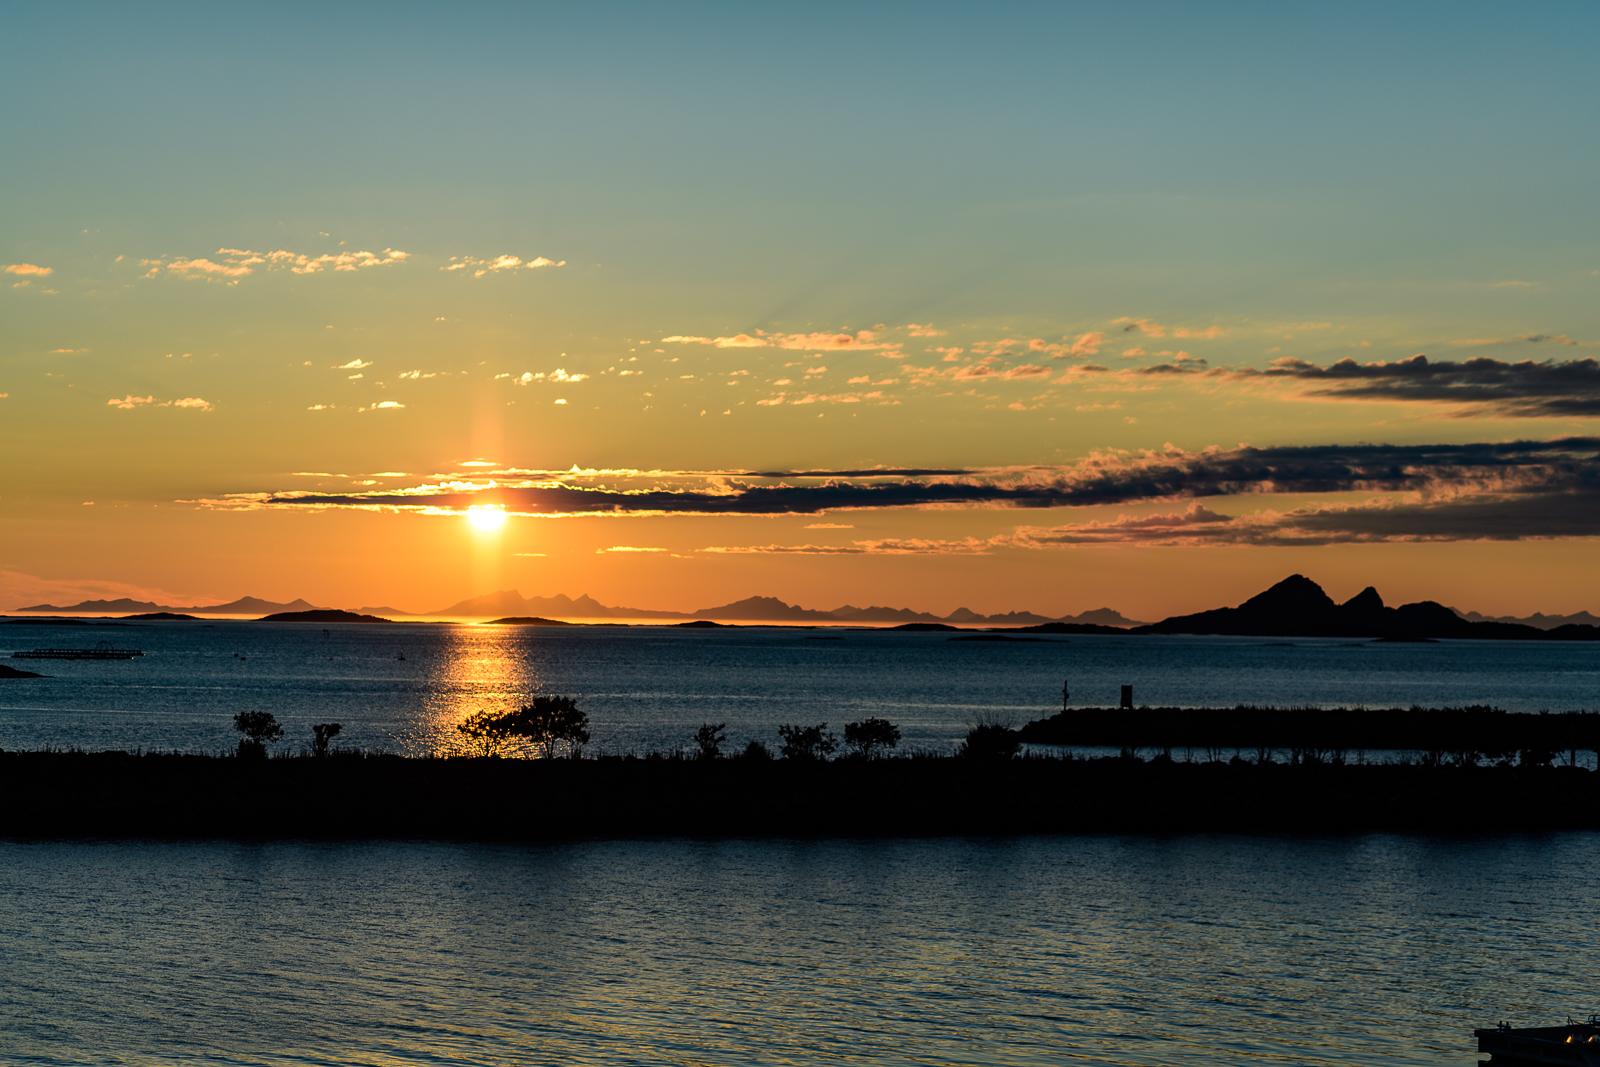 Sunset view from Helnessund Brygger